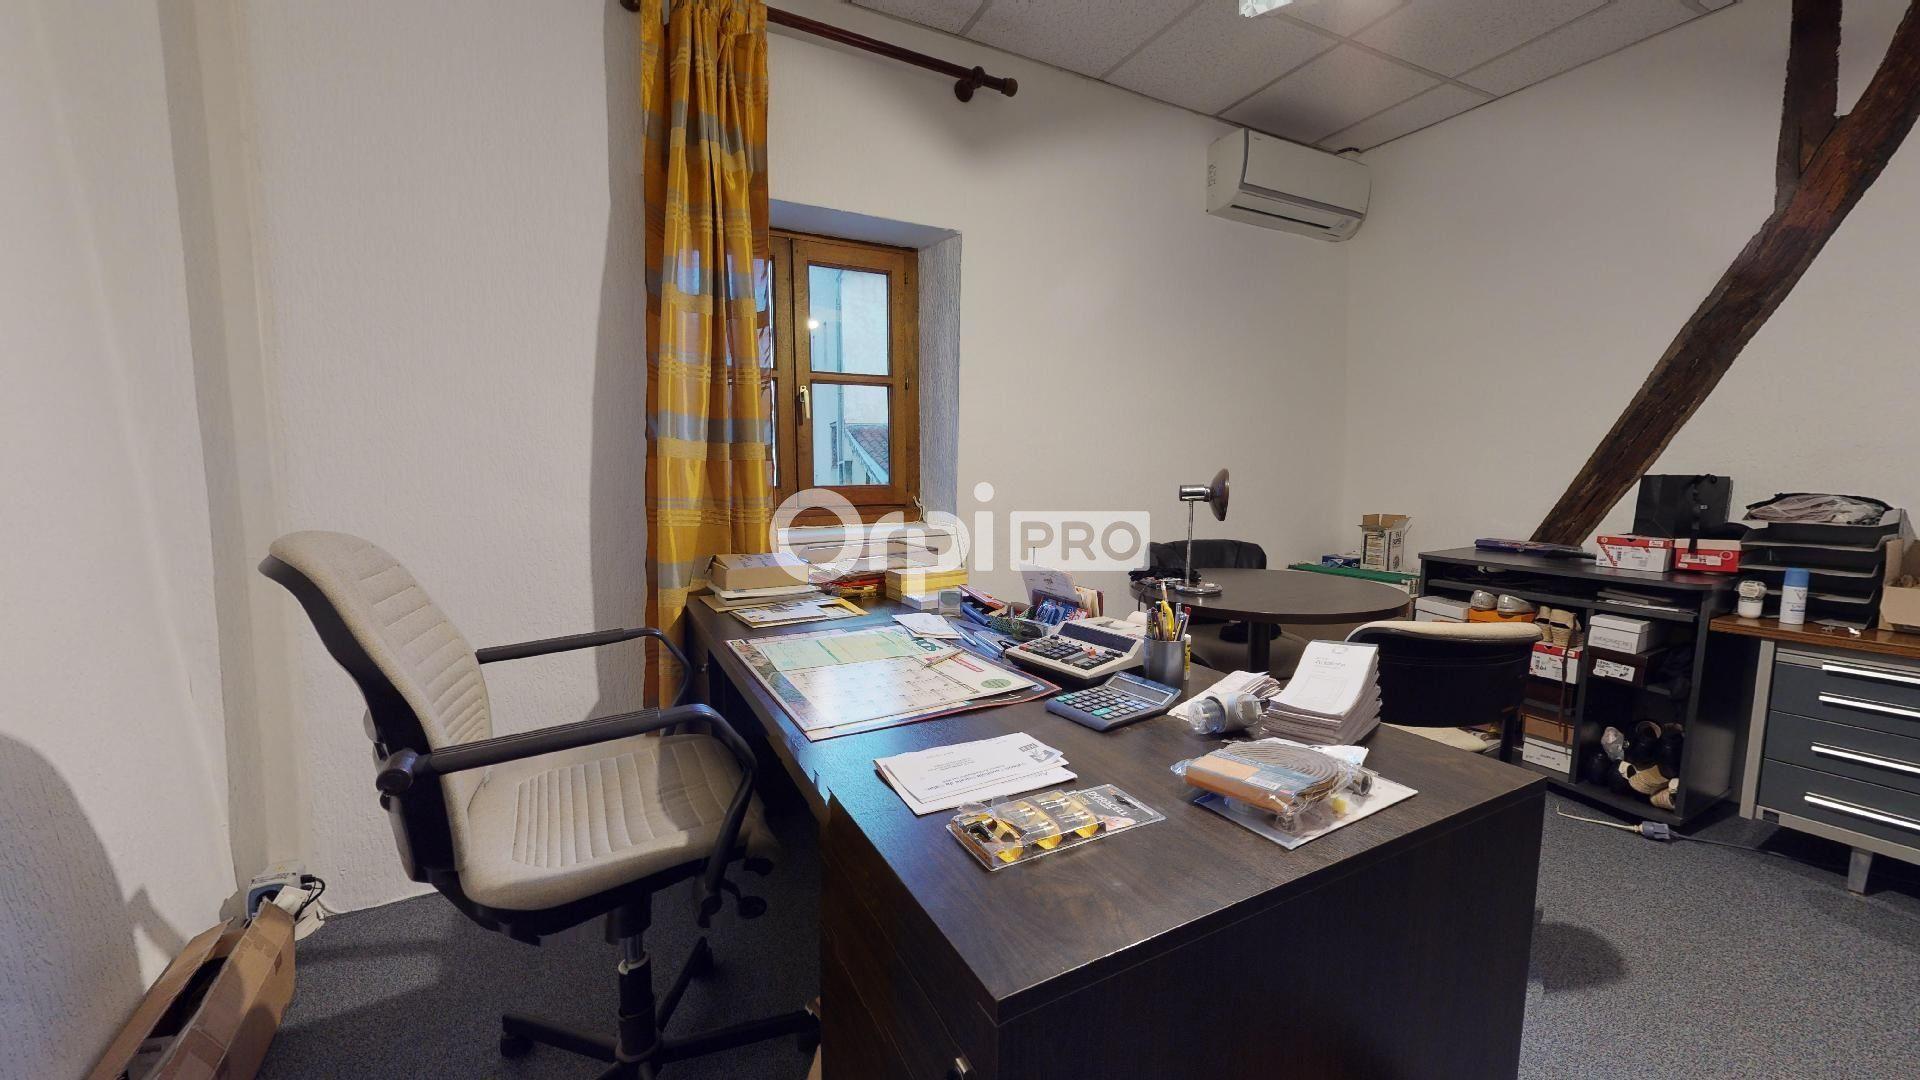 Fonds de commerce à vendre 0 396.03m2 à Villars-les-Dombes vignette-16